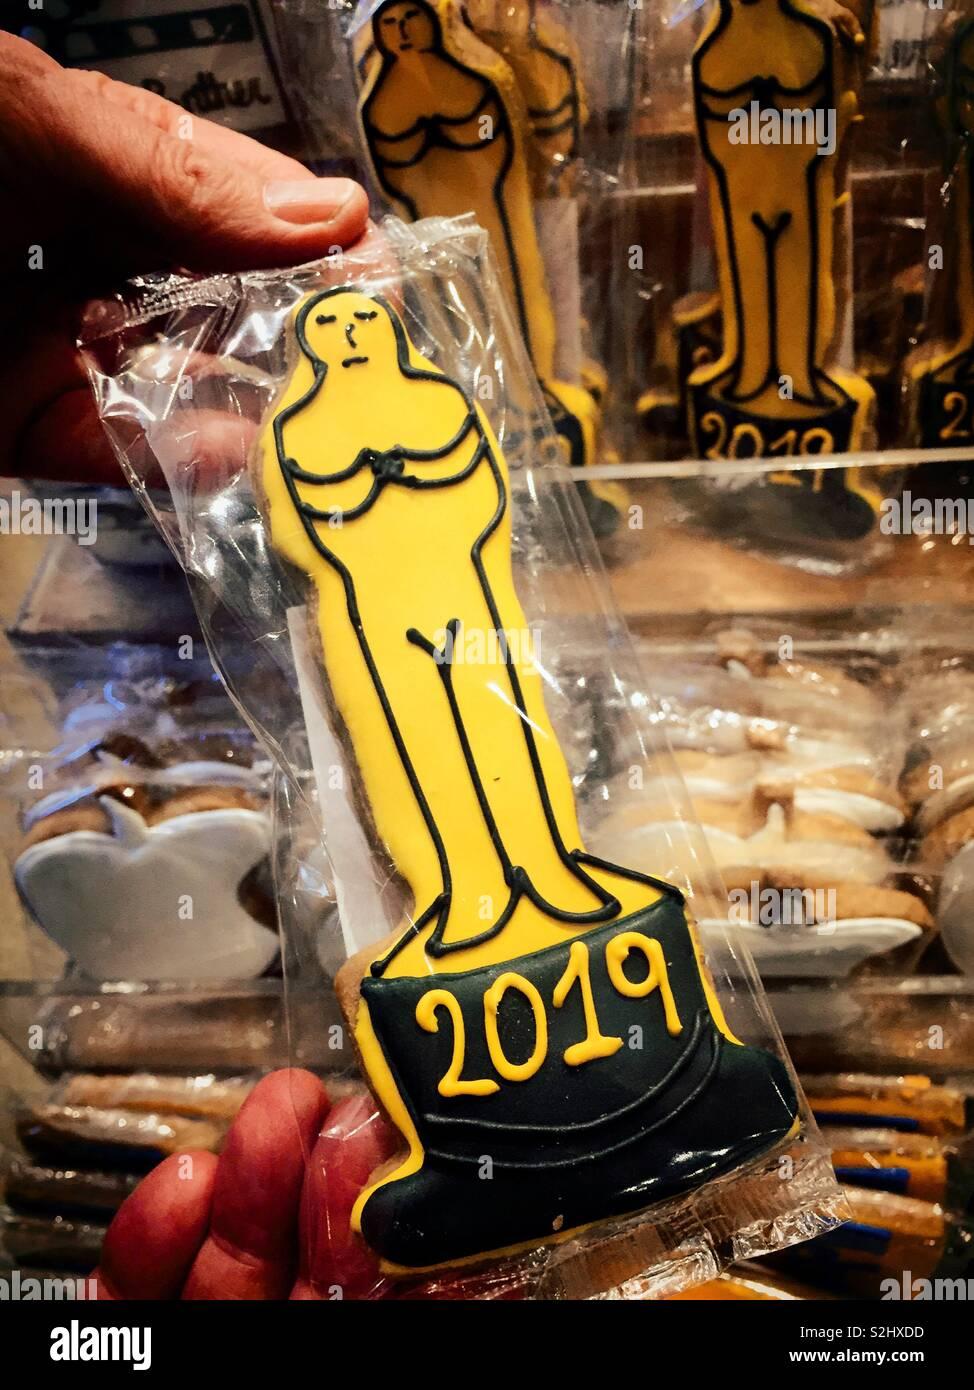 Oscar estatua de oro en forma de cookie para venta en una panadería de lujo, NUEVA YORK, EE.UU. Imagen De Stock